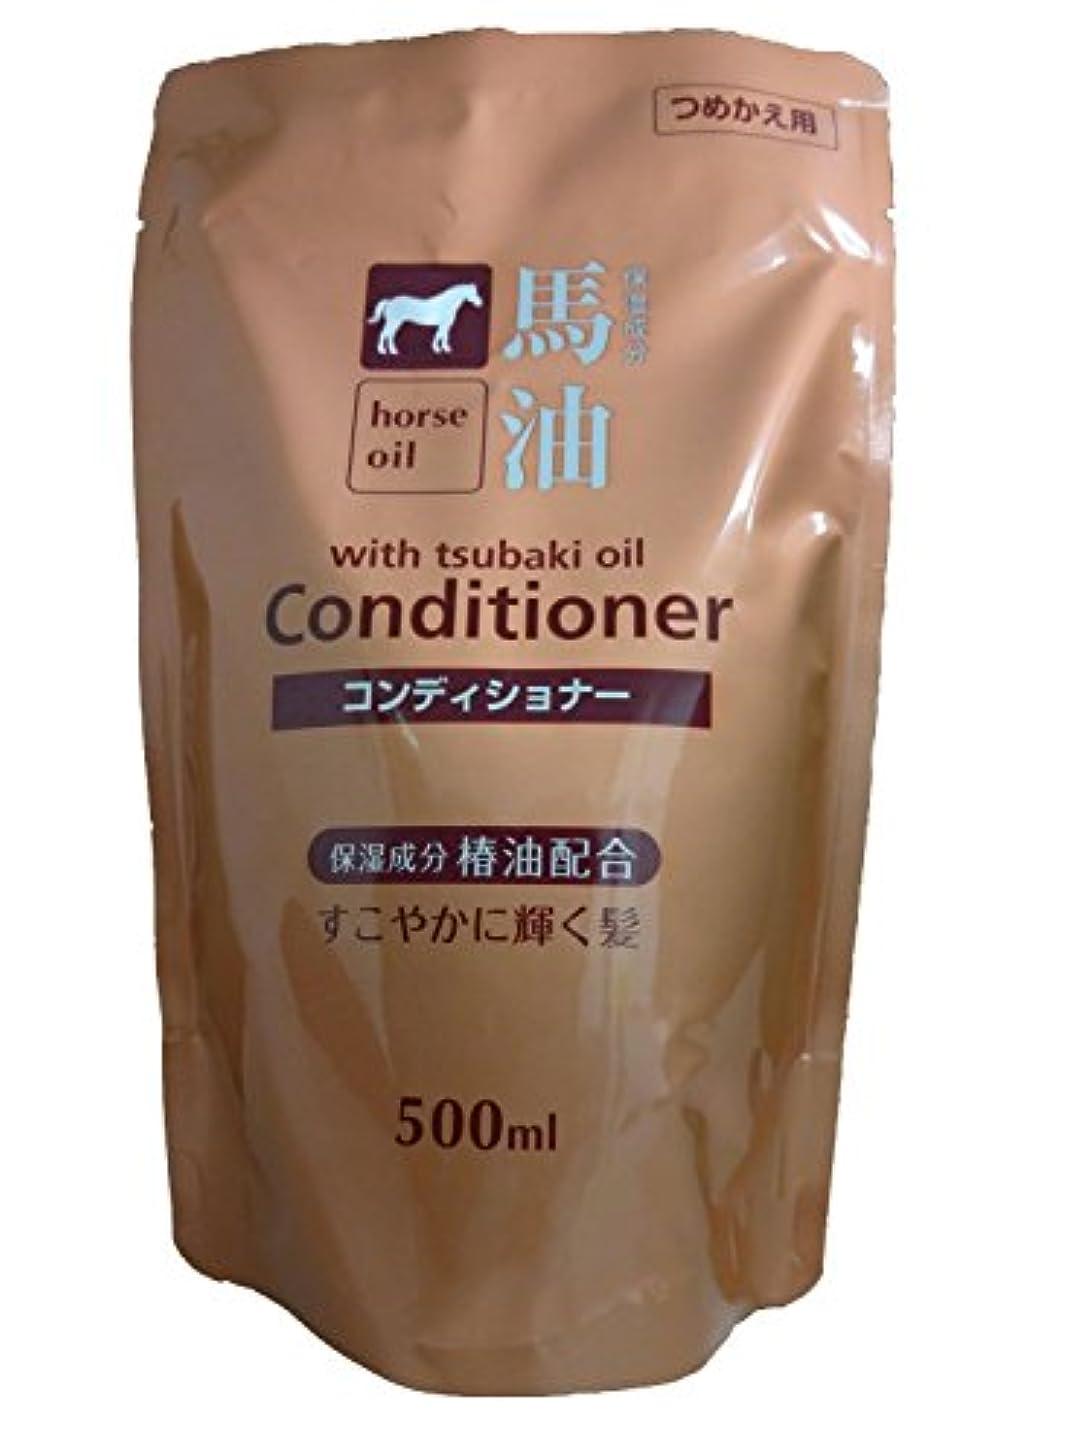 用語集動的の慈悲で熊野油脂 馬油コンディショナー 詰め替え用 500ml